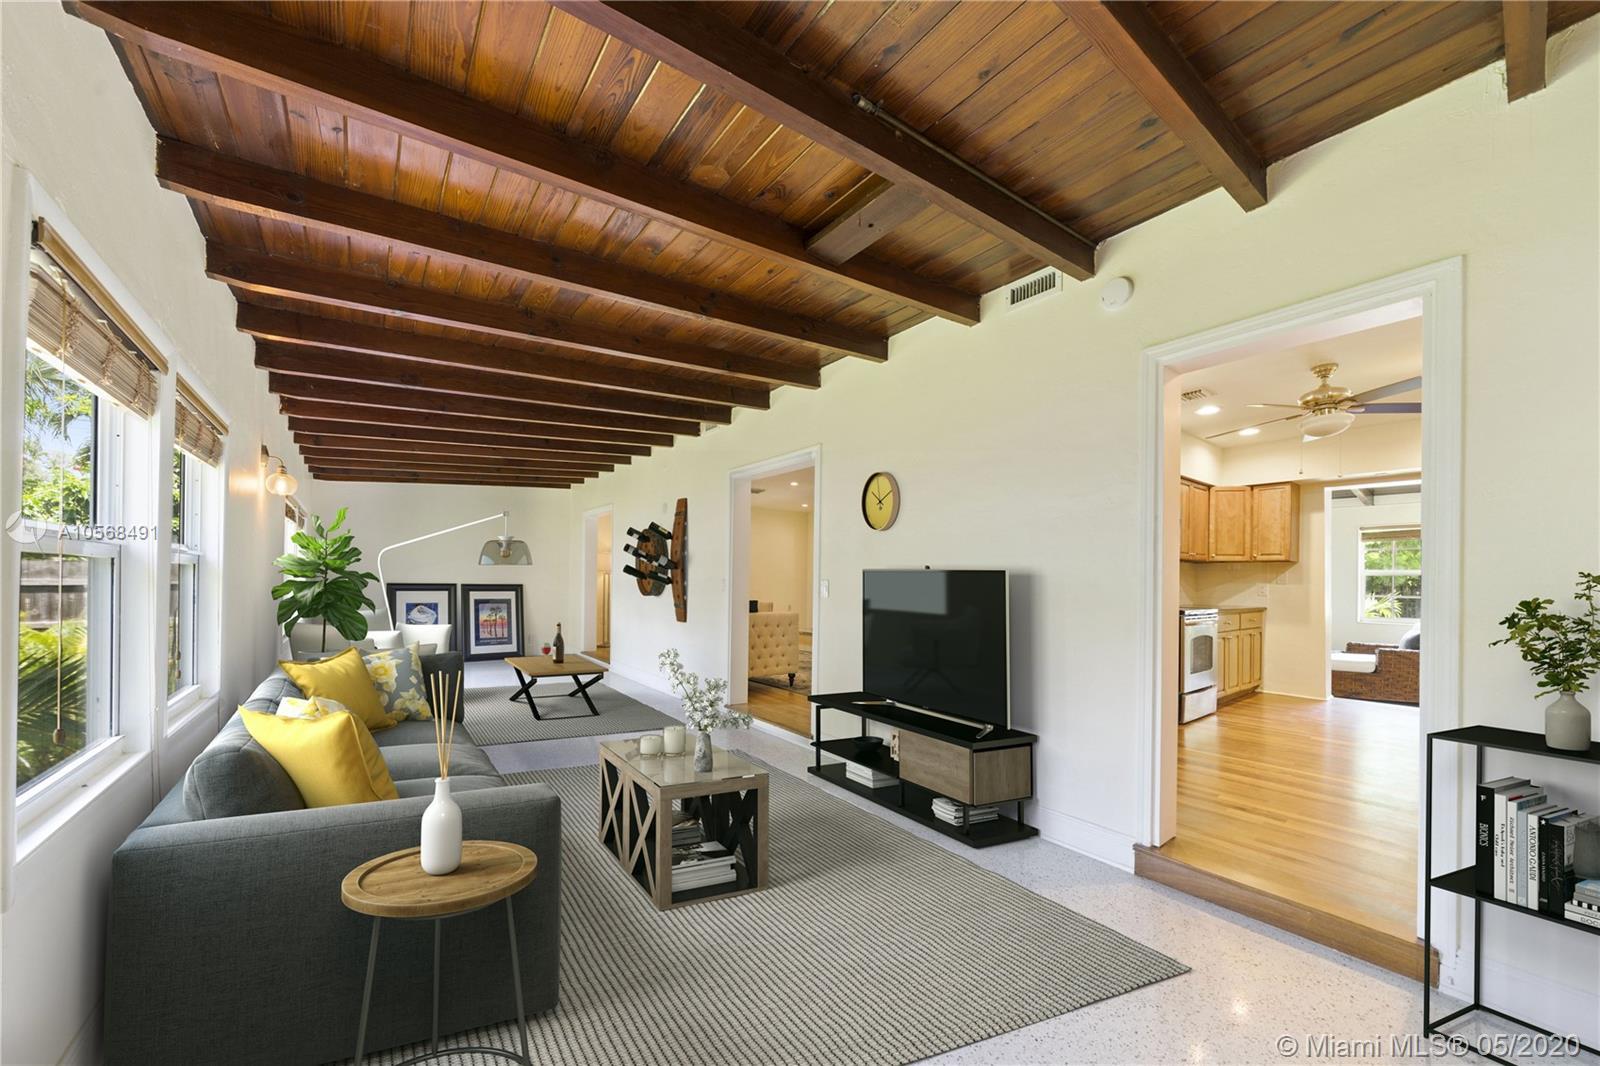 2201 Tequesta Way, Coconut Grove, Florida 33133, 3 Bedrooms Bedrooms, ,3 BathroomsBathrooms,Residential,For Sale,2201 Tequesta Way,A10568491